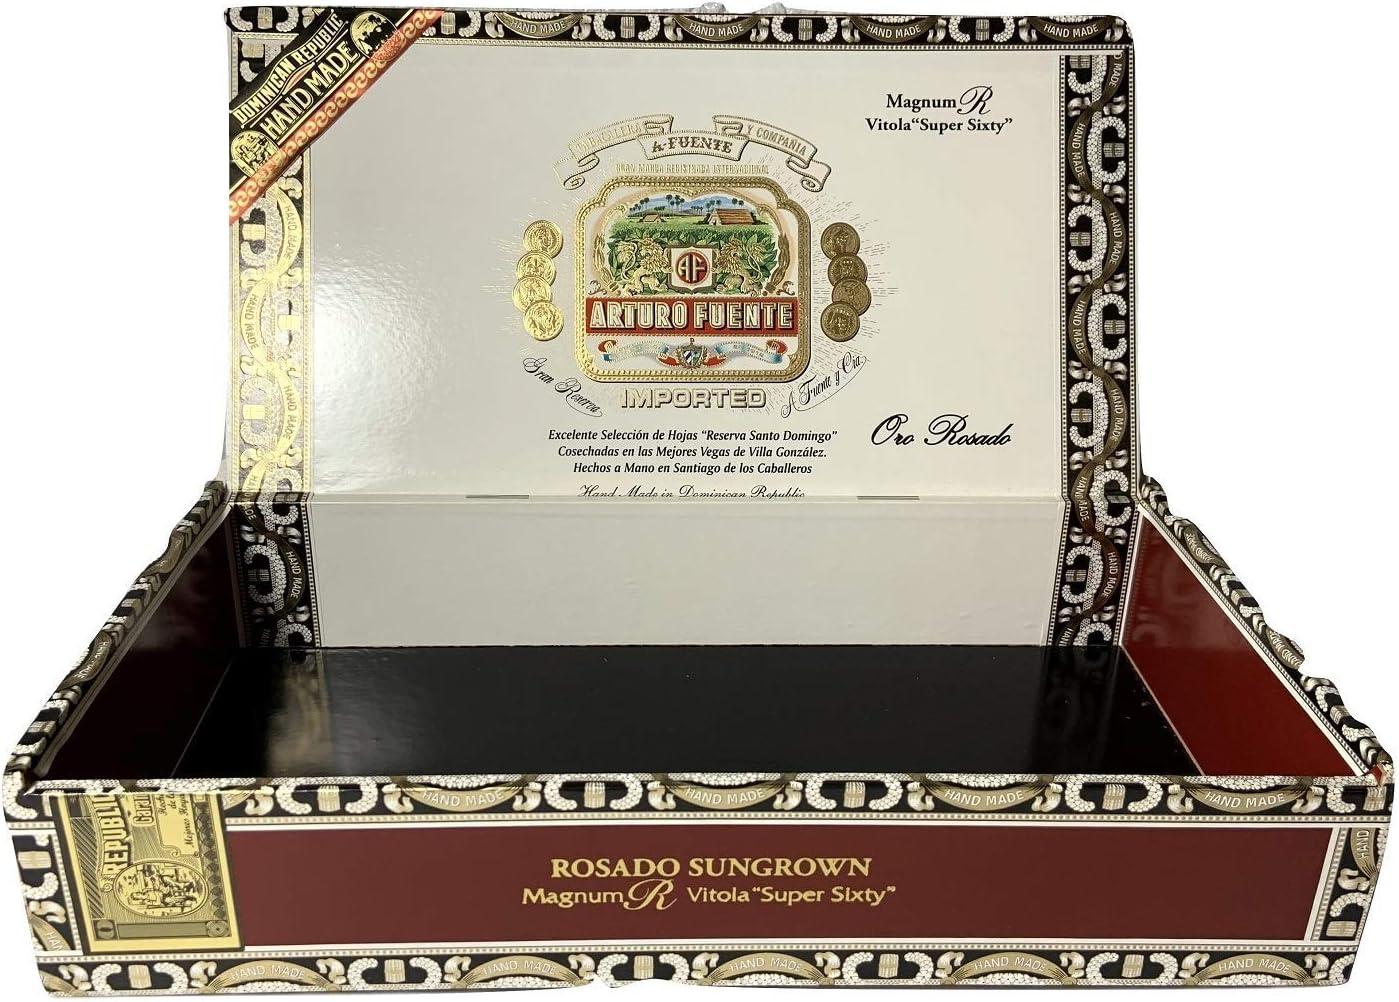 SHANG-JUN humidores de Puros Caja de la Caja Arturo Fuente Prima de Madera del cigarro por Crafts, Guitarras o Almacenamiento (Magnum R Vitola) Puros para Fumar (Size : Magnum R Vitola)